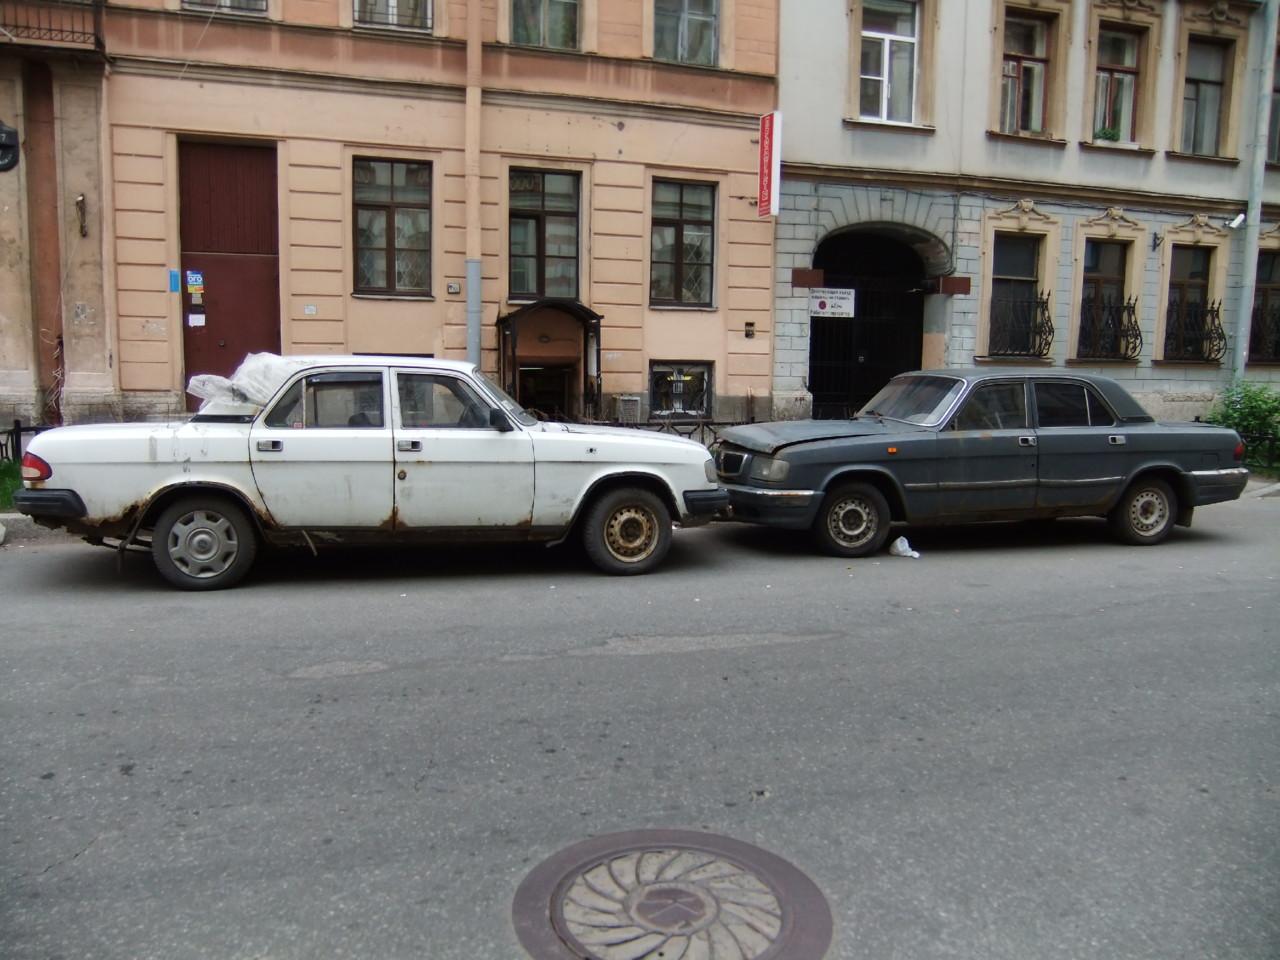 S.Petersburgo-06.2010-DSCF2513.JPG